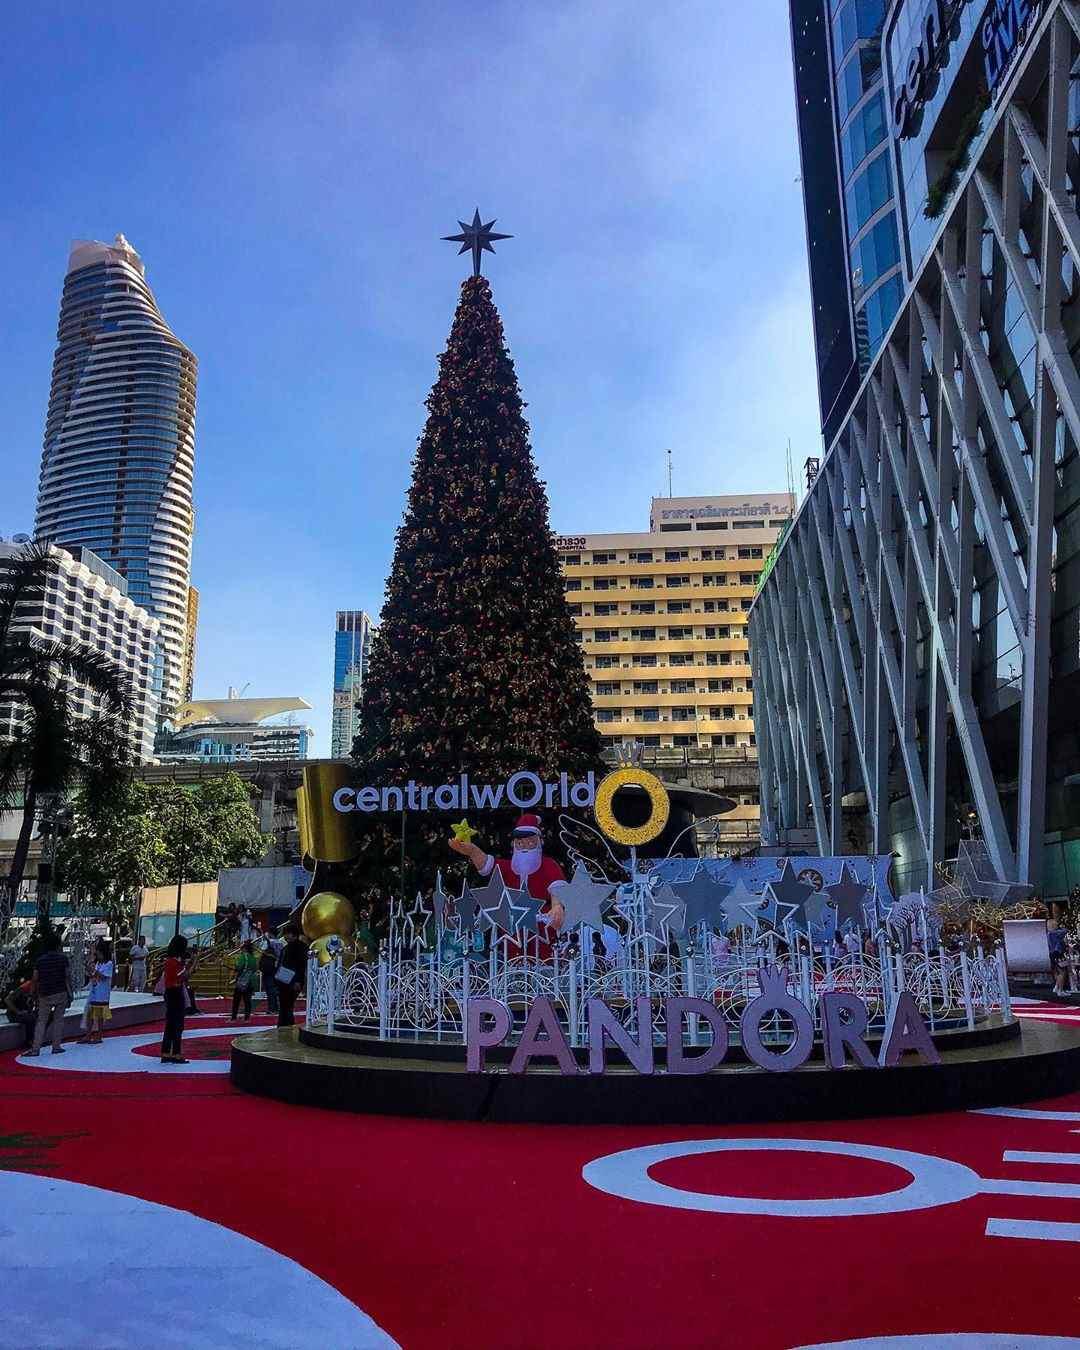 Grote kerstboom bij CentralWorld in Bangkok